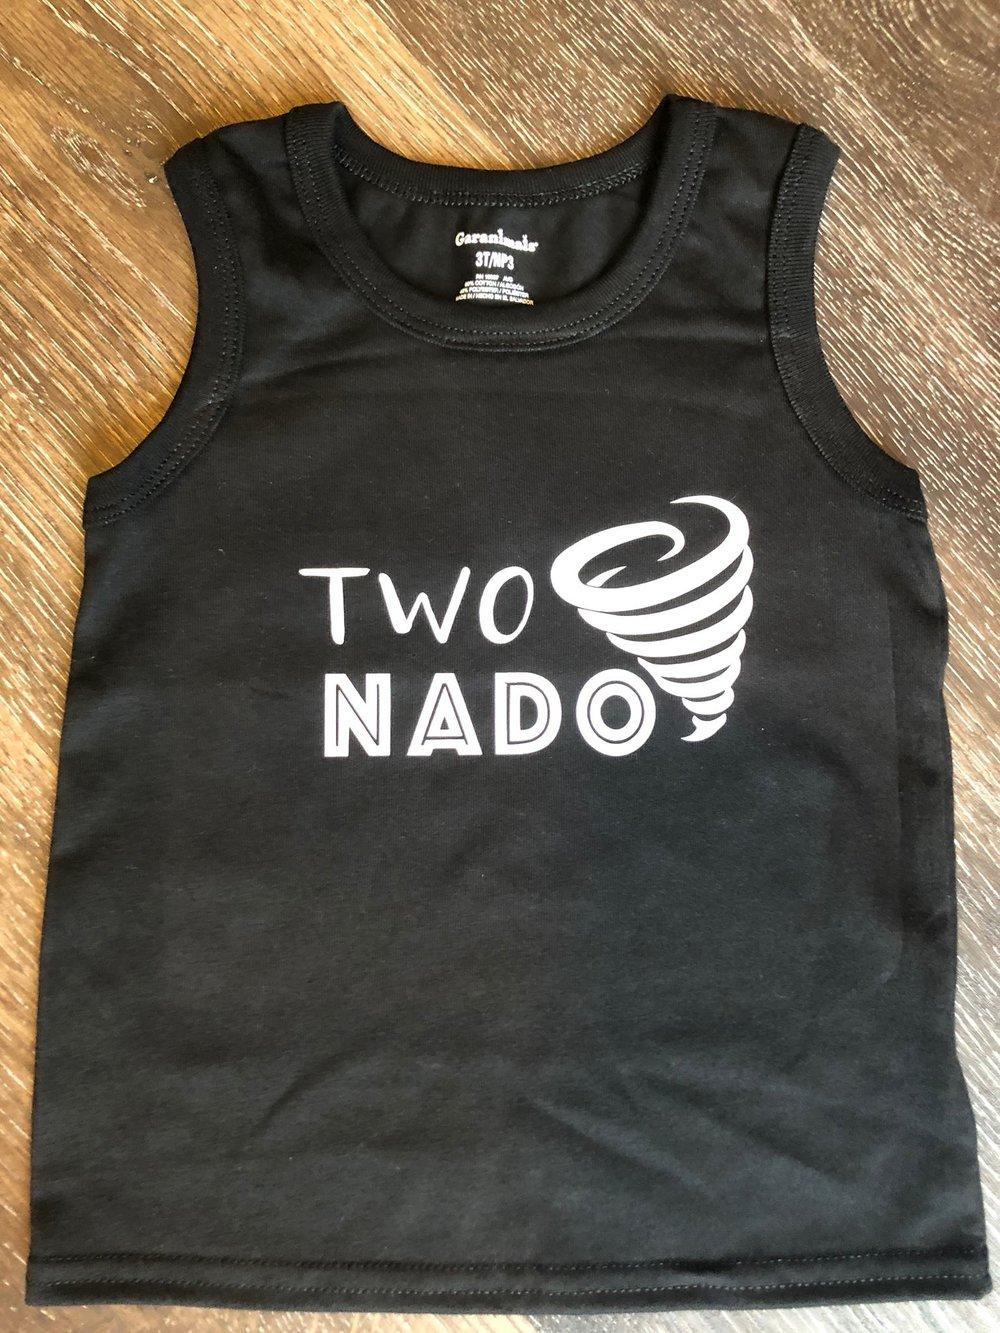 TwoNado